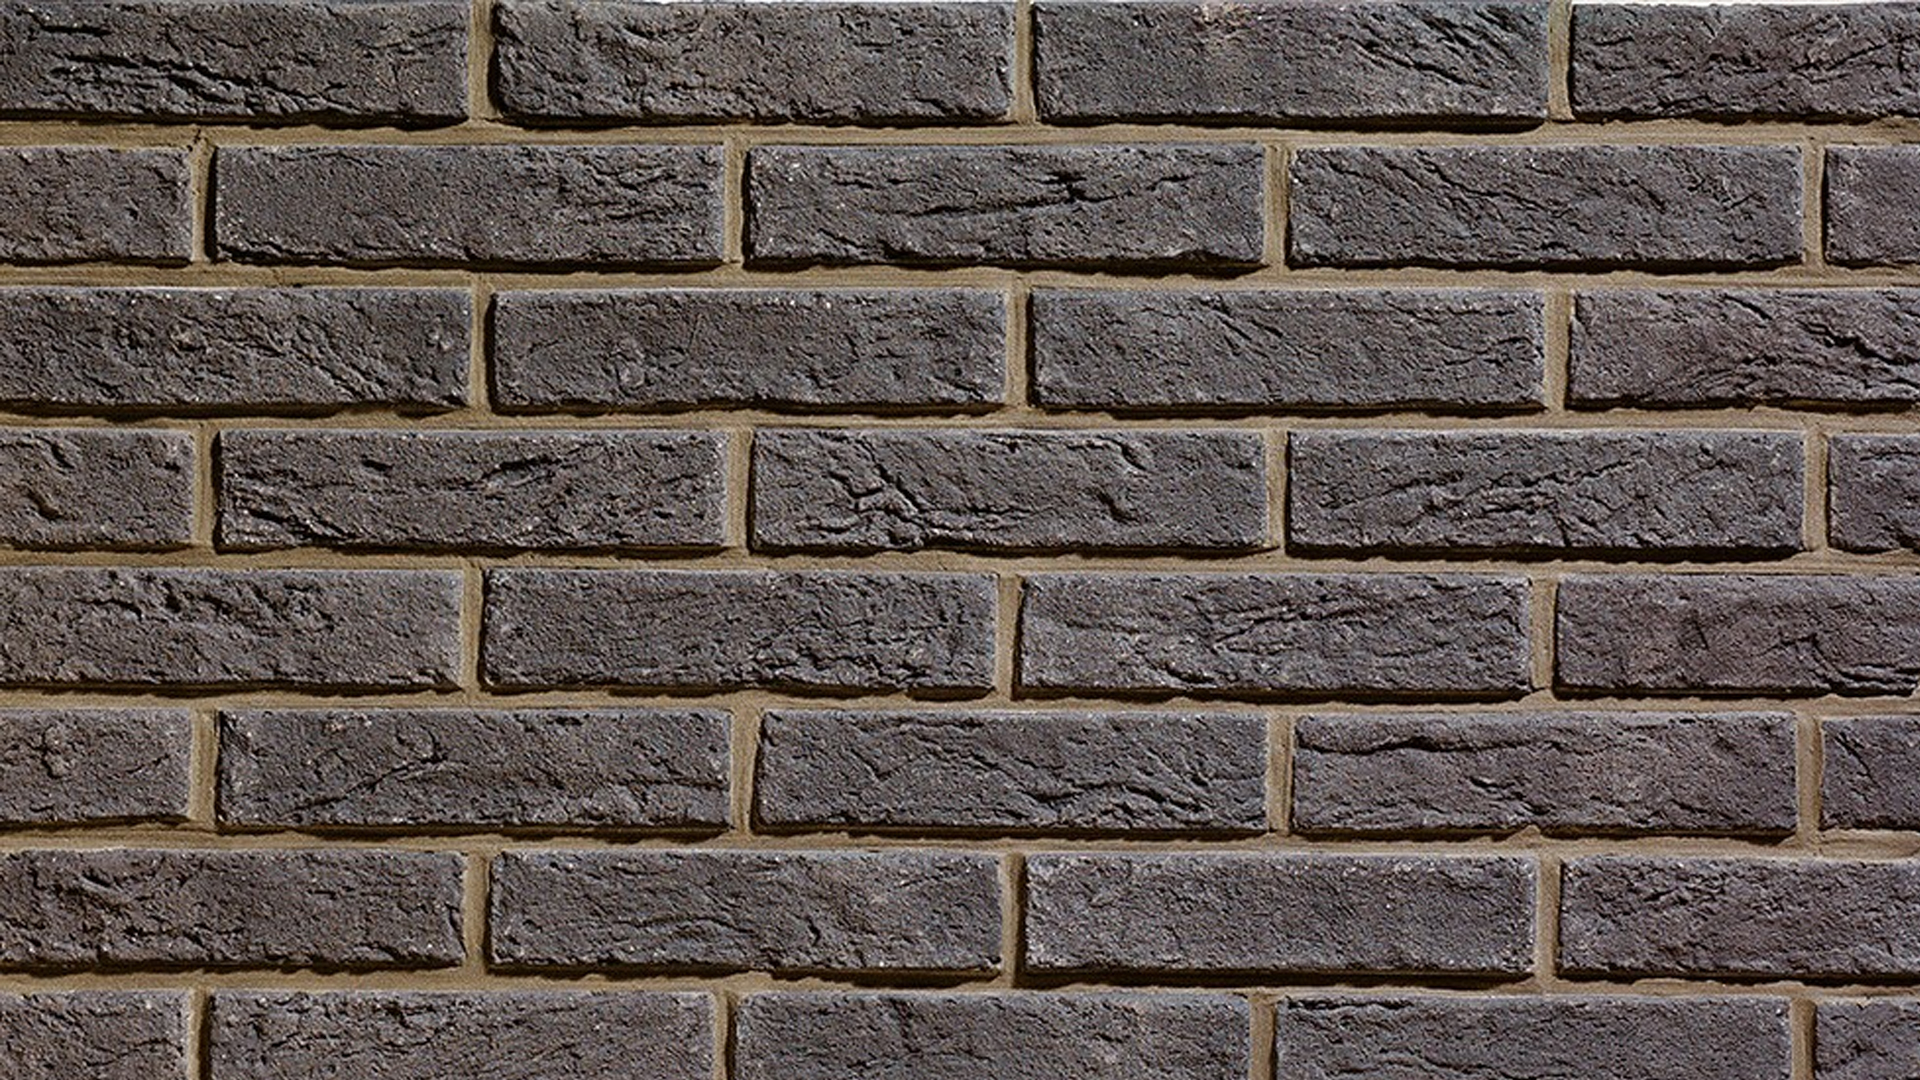 Rivestimento In Pietra Ricostruita : Rivestimento pietra ricostruita rota commerciale